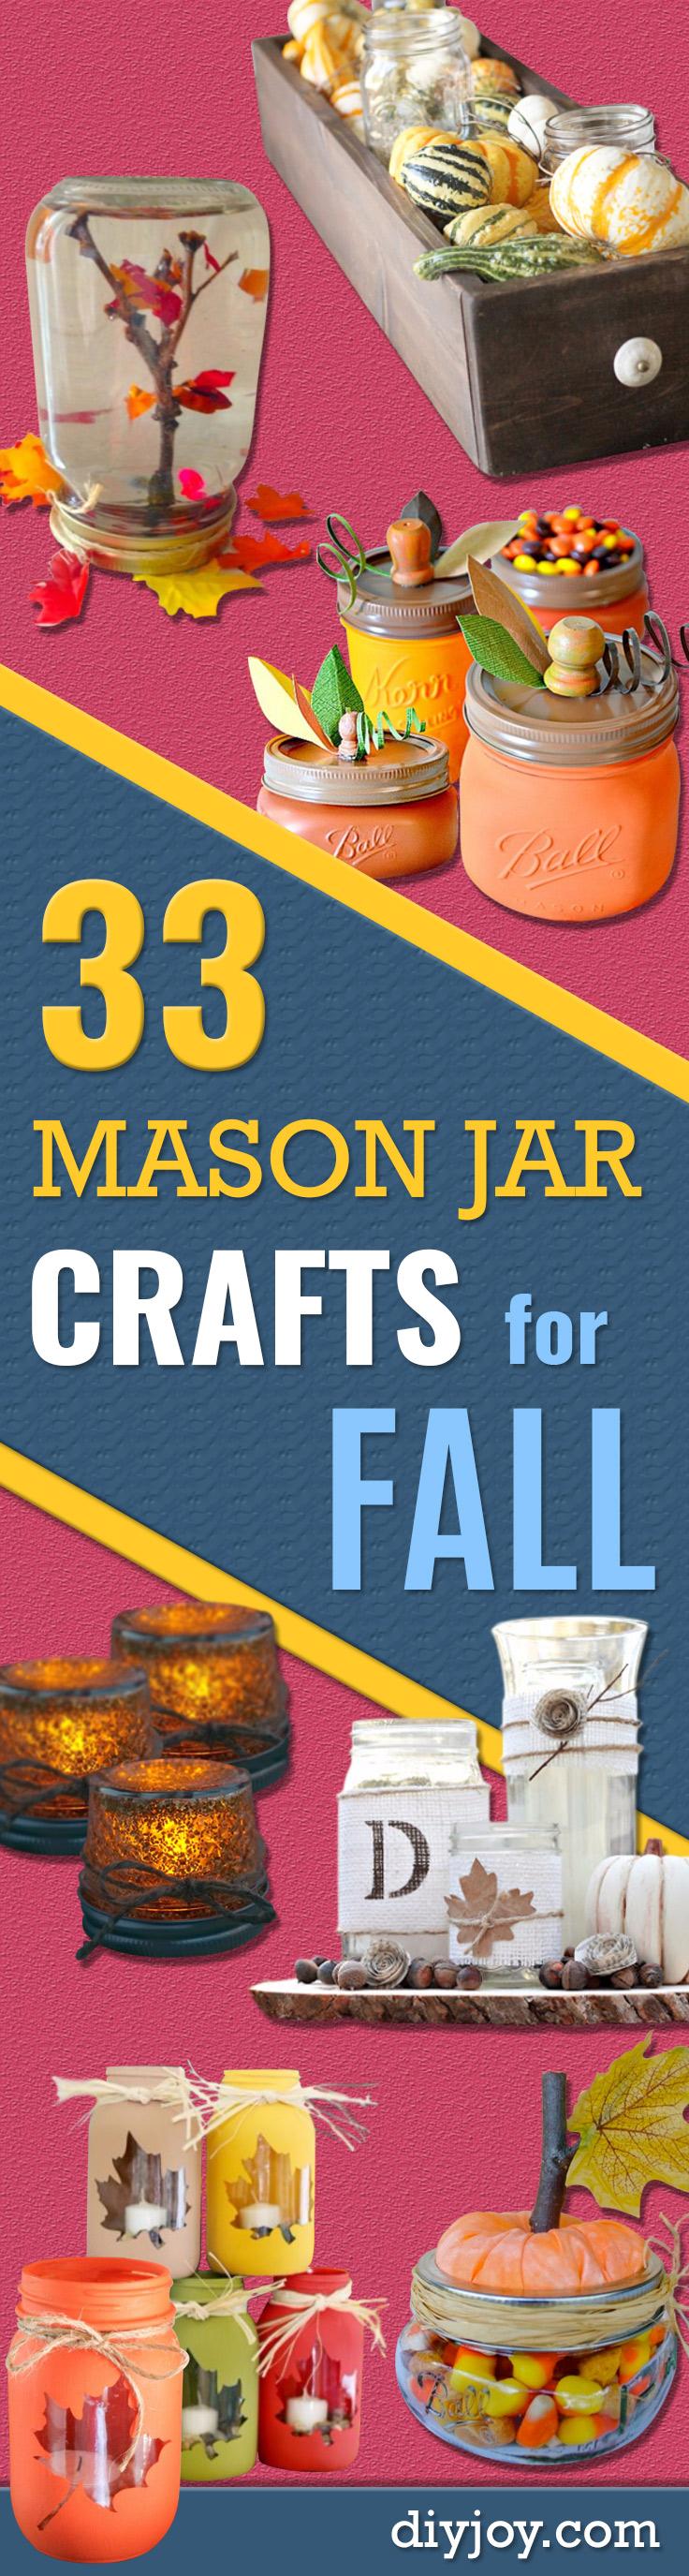 best mason jar crafts for fall diy mason jar ideas for centerpieces wedding decorations: jar crafts home easy diy